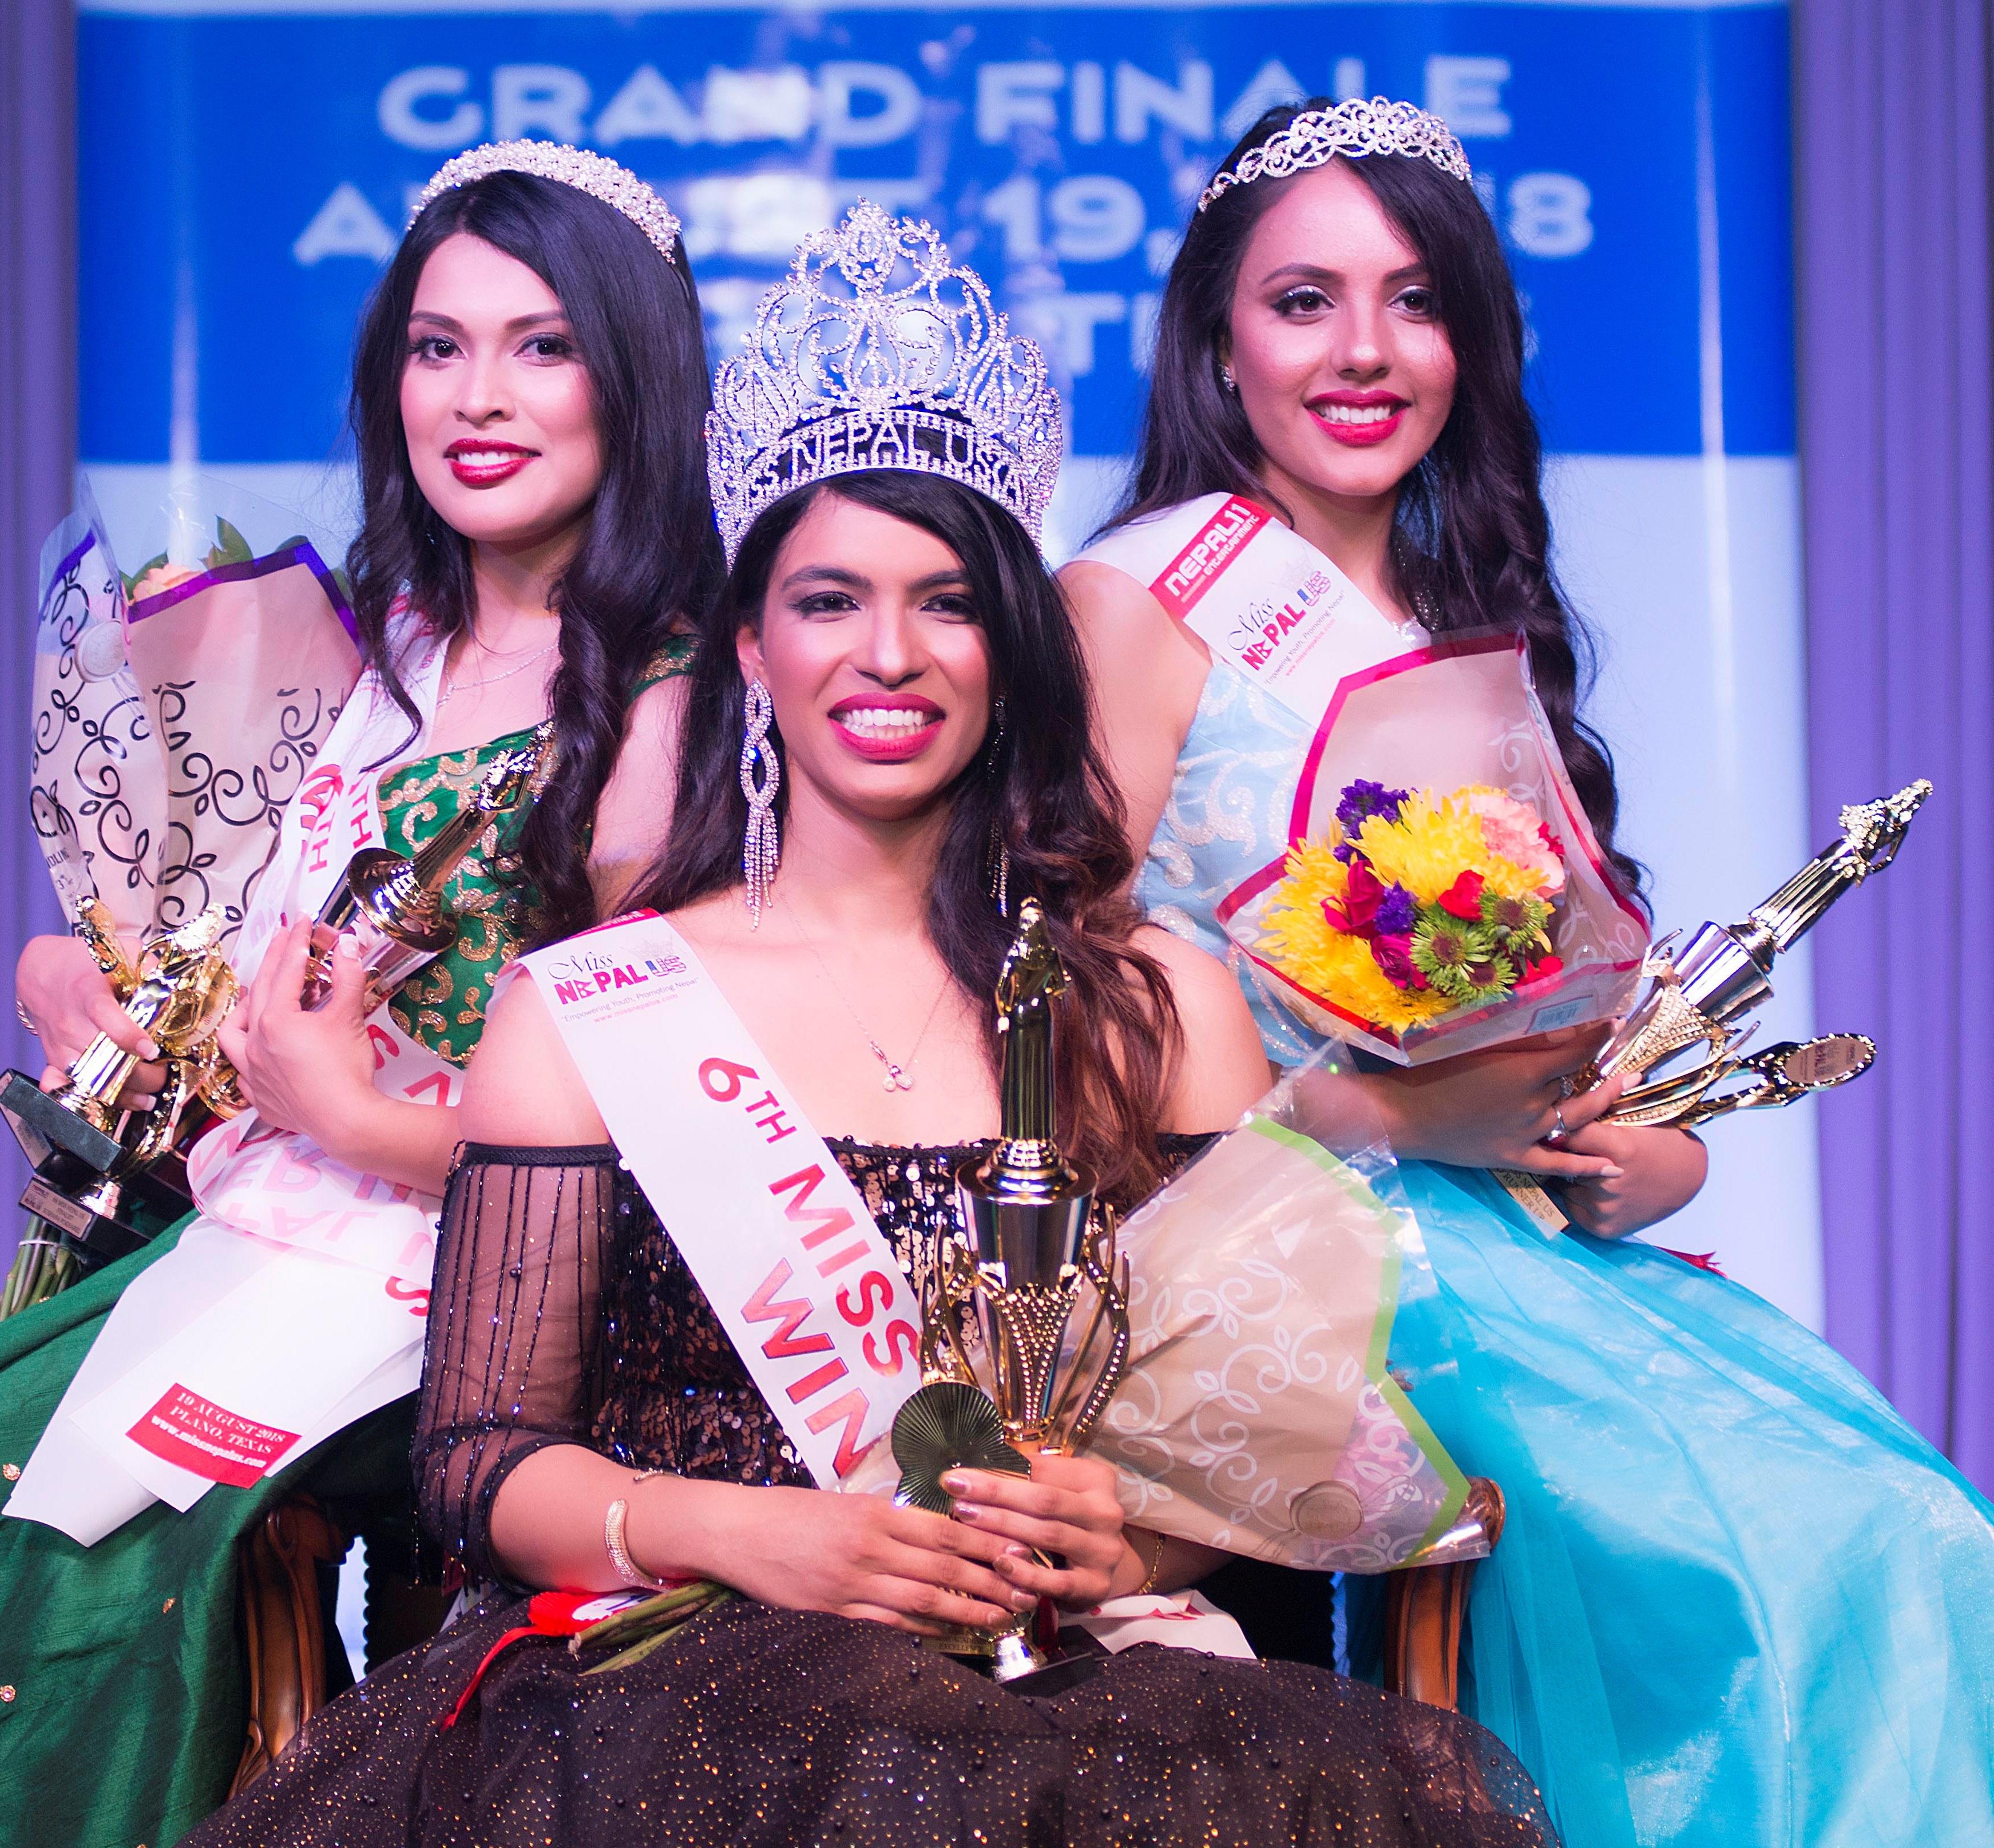 मिस नेपाल यूएसमा व्यूटि विथाउट लिमिट बिद्या थप